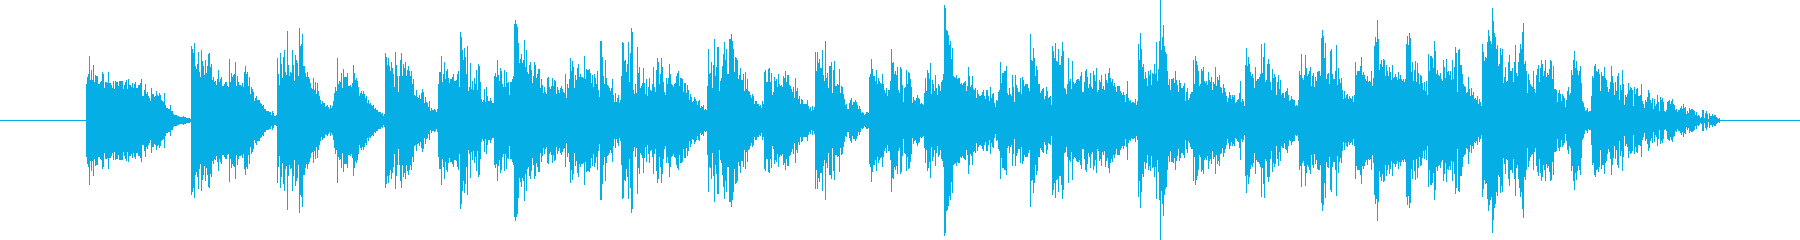 各種Hit系音色を組み合わせたジングルの再生済みの波形